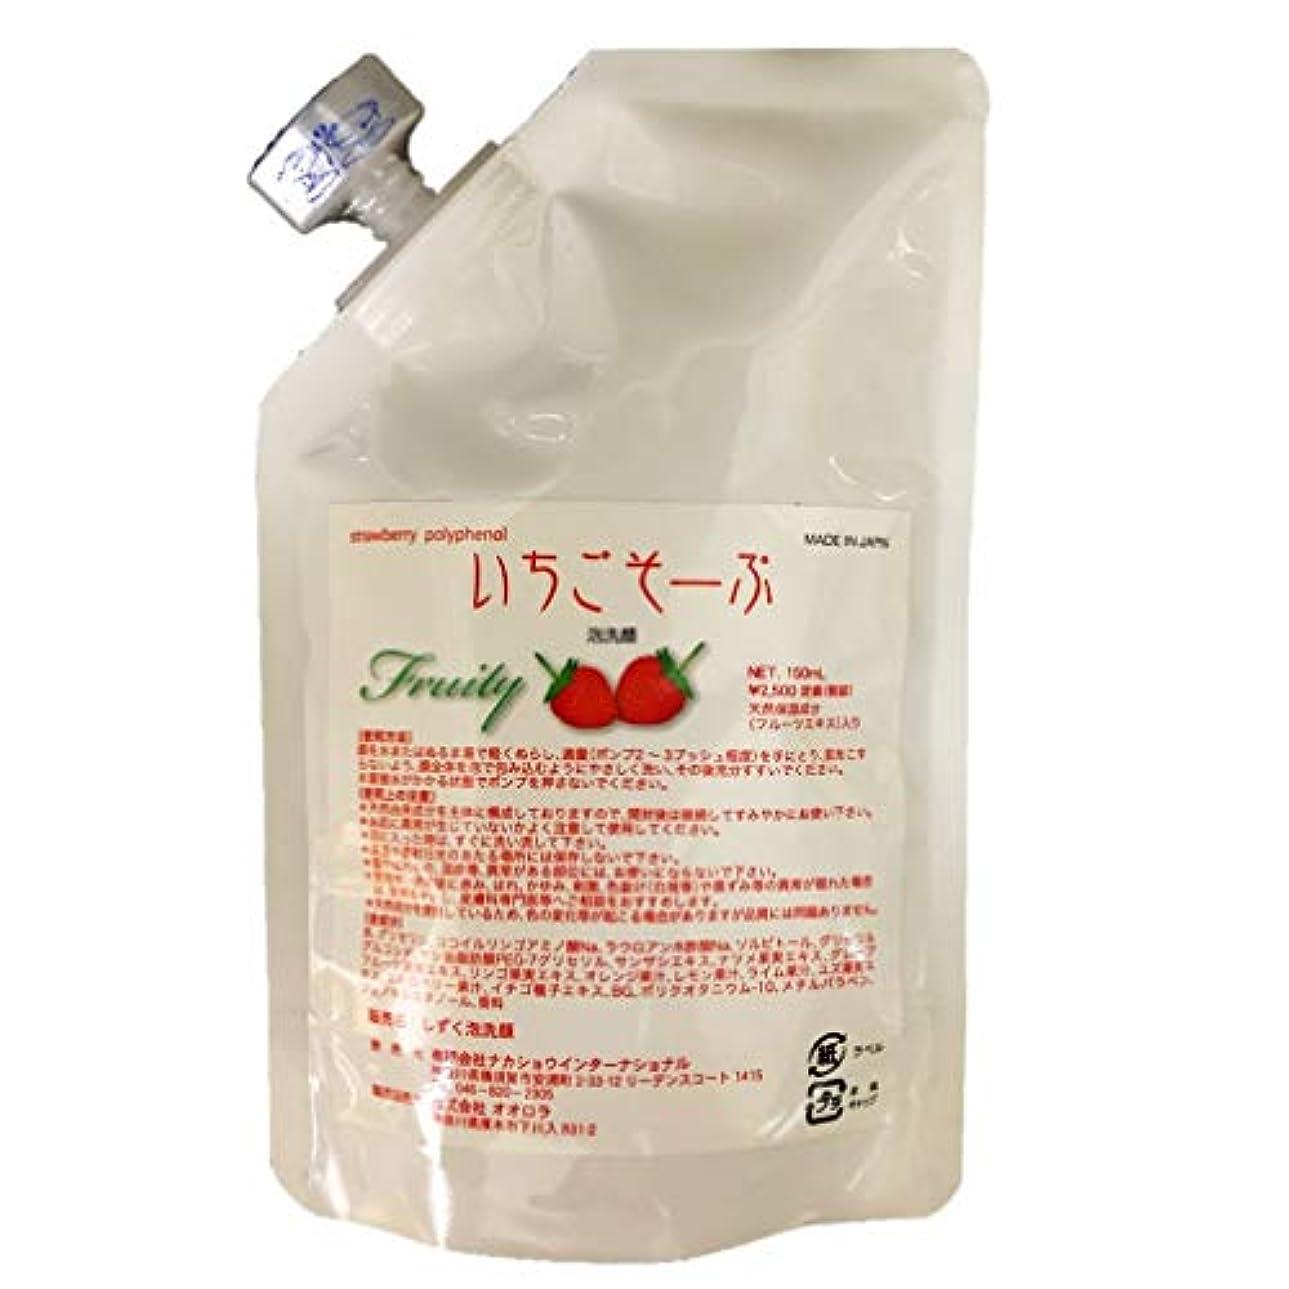 彼らの気質に応じていちごそーぷ 泡洗顔料 150mL詰替えパウチ 超保湿を優しいフルーツで